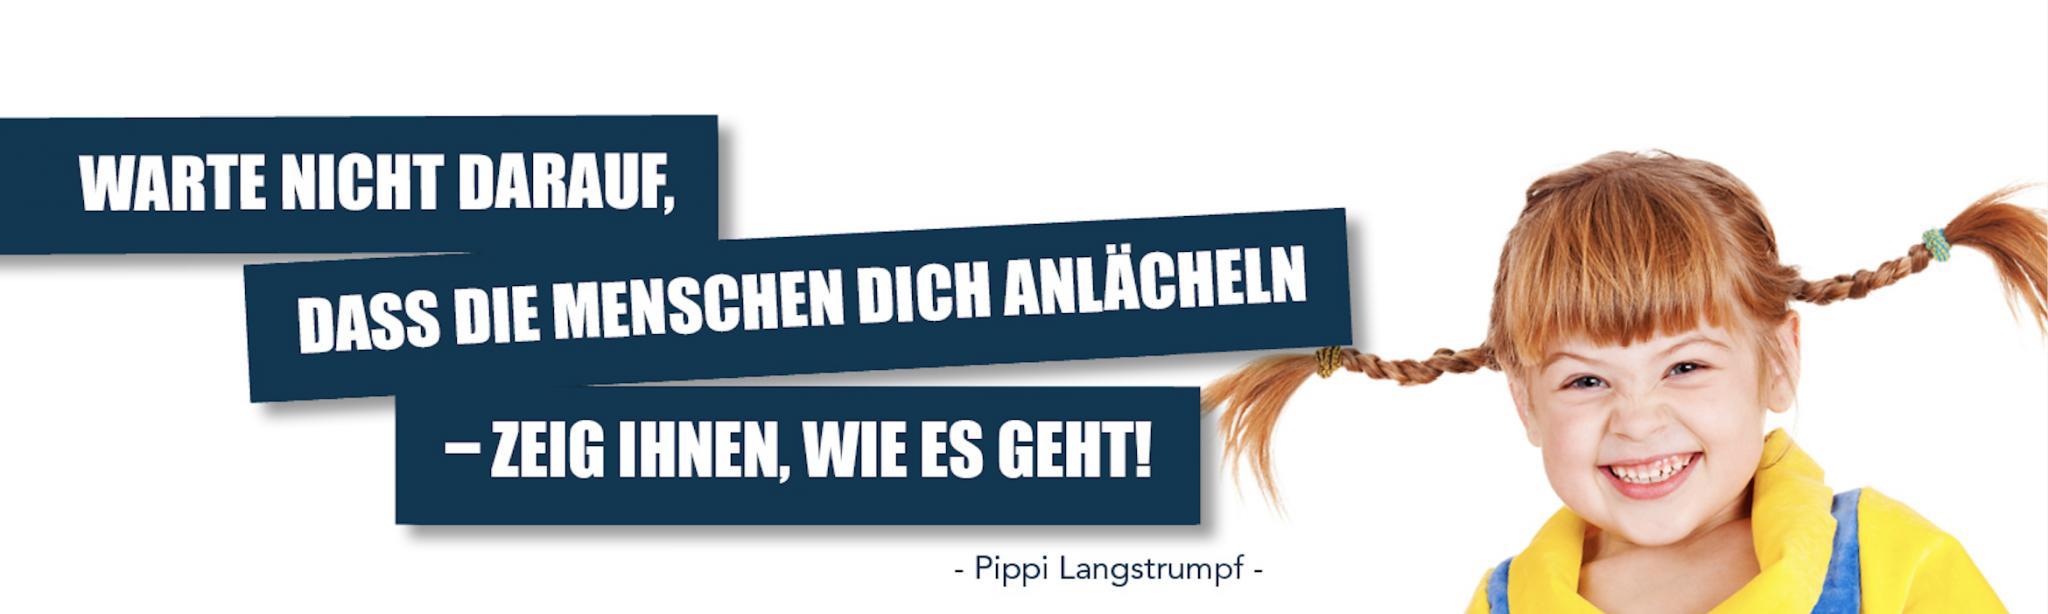 pipi-hero